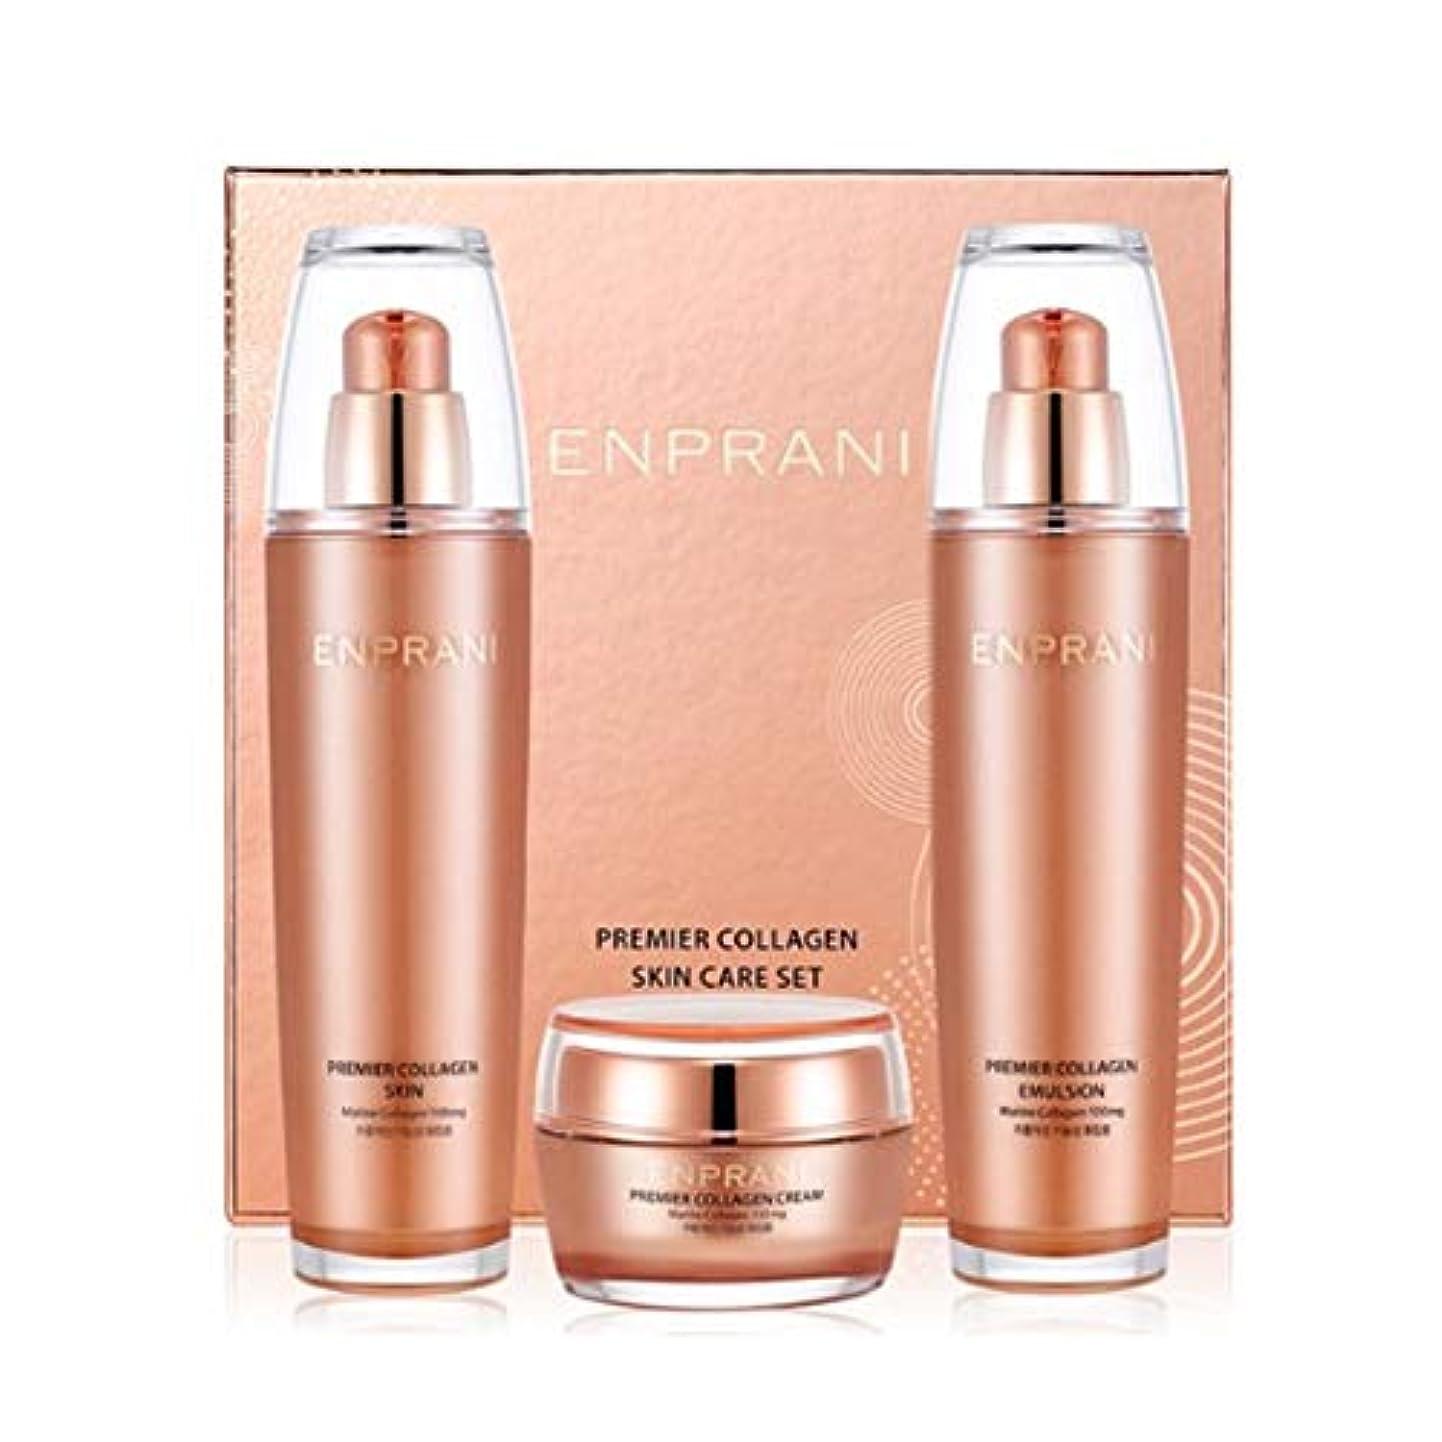 返還計算するビリーエンプラニ?プレミアコラーゲンセット(スキン125ml、エマルジョン125ml、クリーム50ml)、Enprani Premier Collagen Set (Skin、Emulsion、Cream) [並行輸入品]